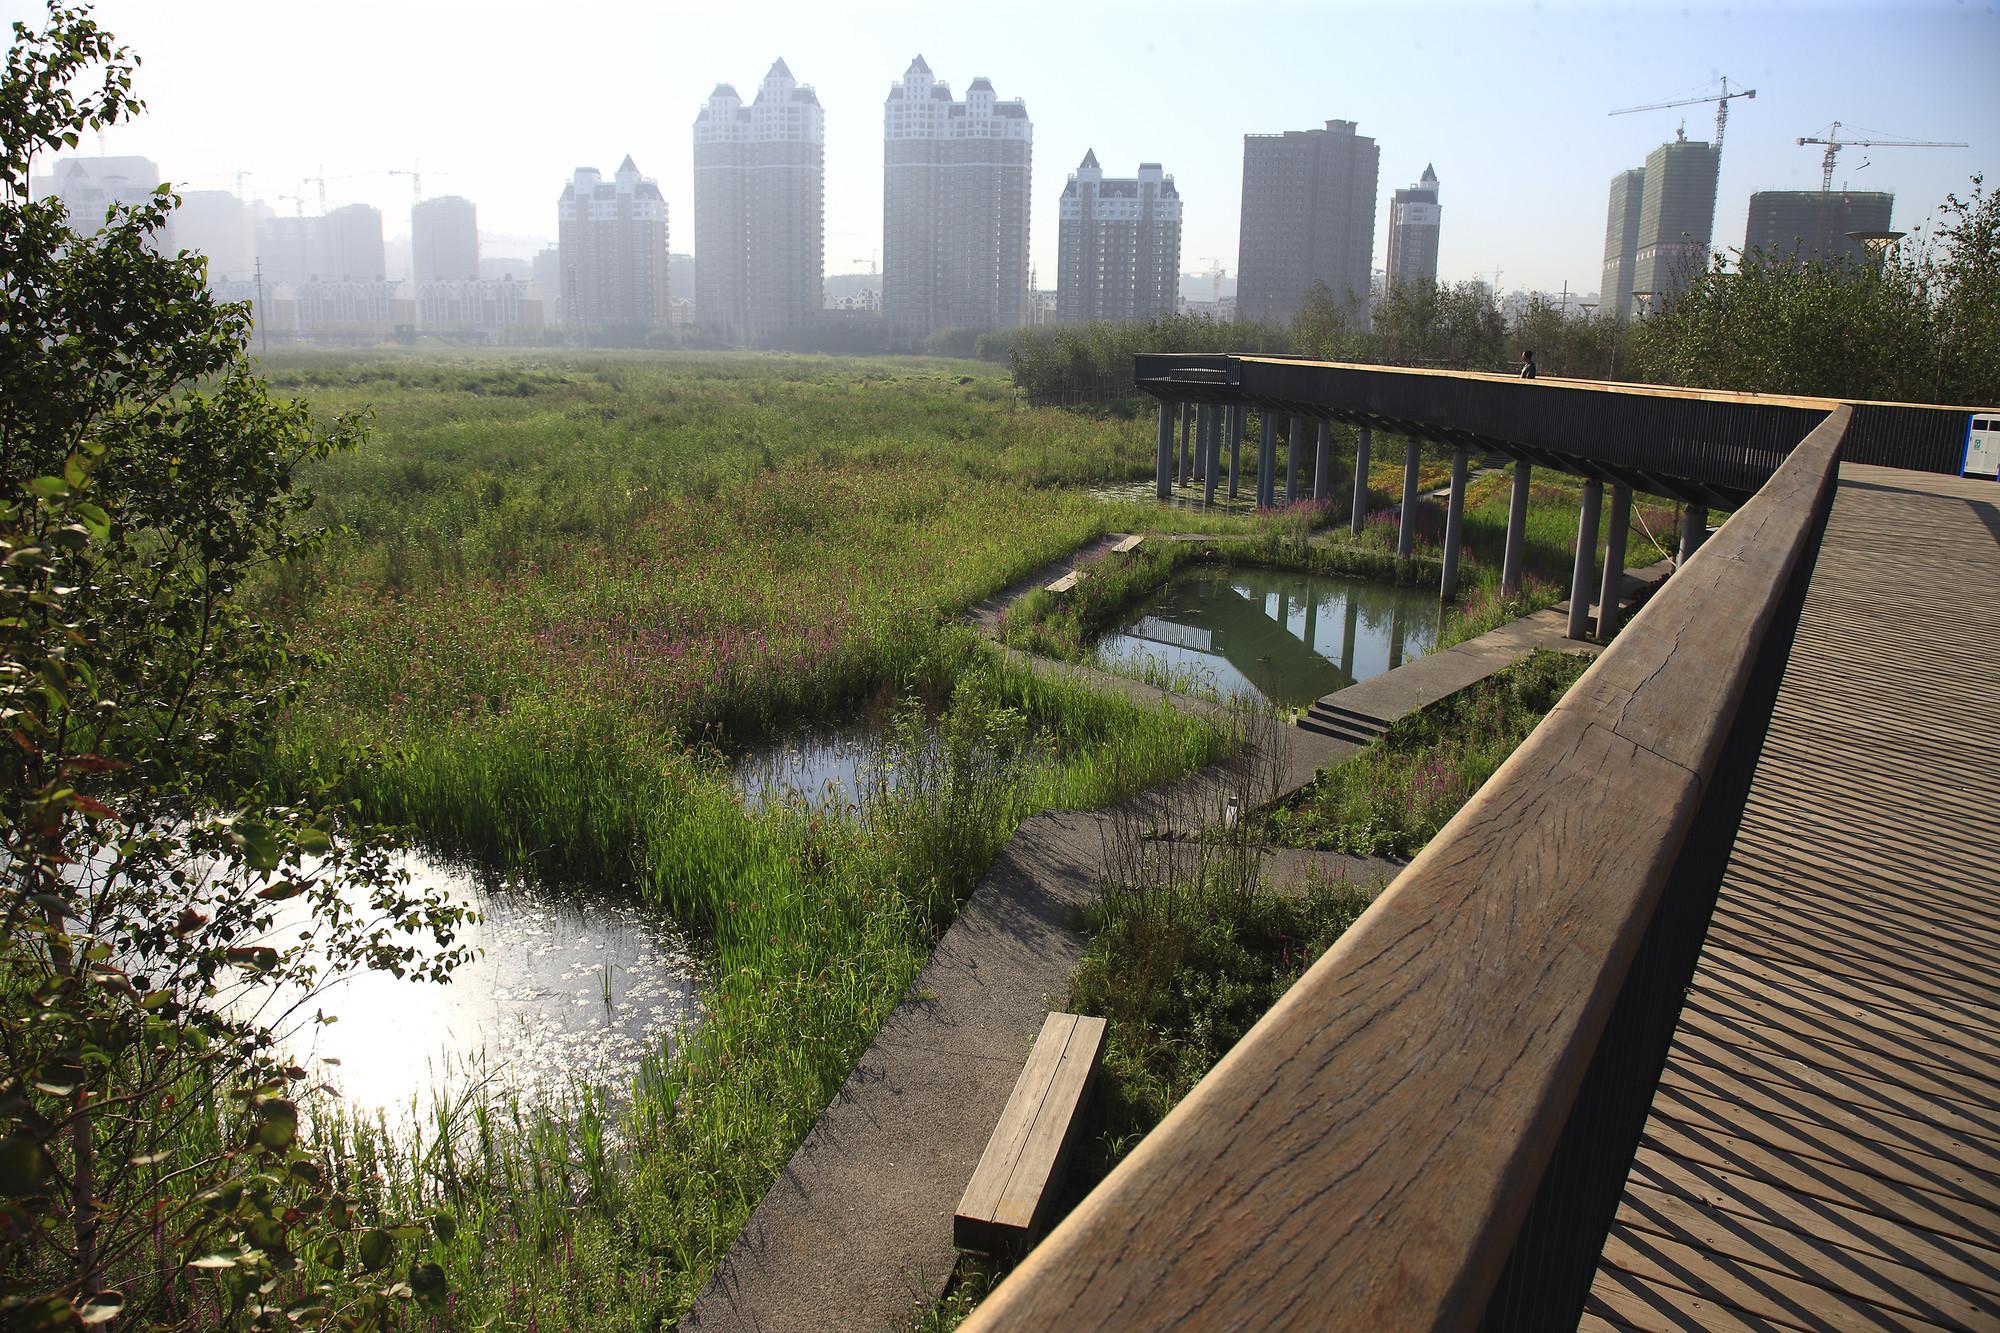 qunli stormwater wetland park